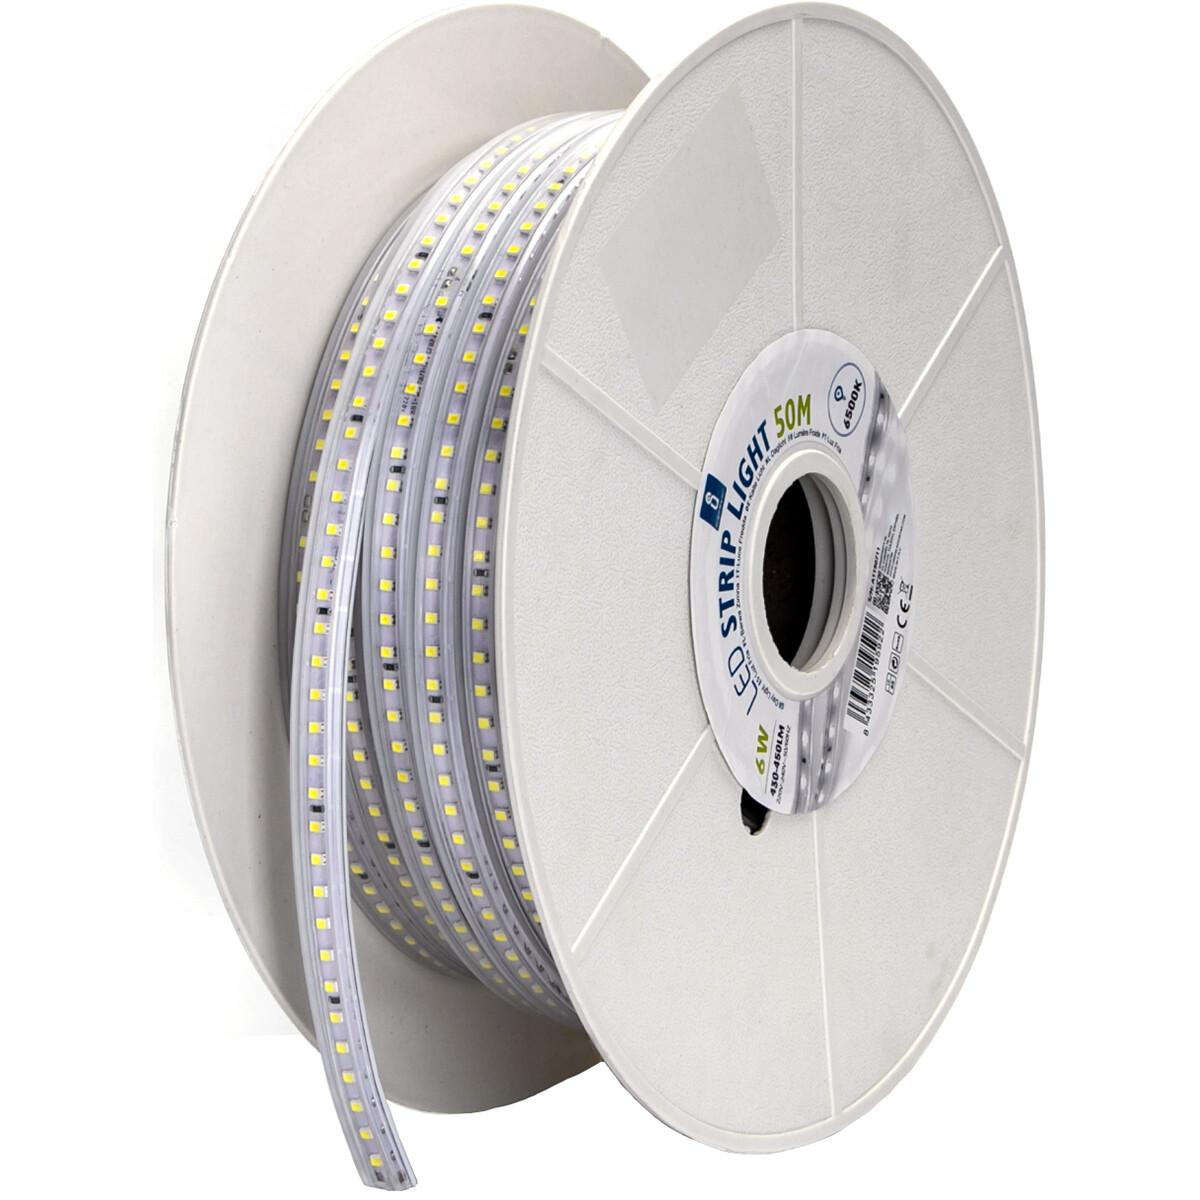 LED Strip - Aigi Stribo - 50 Meter - Dimbaar - IP65 Waterdicht - Helder/Koud Wit 6500K - 2835 SMD 23